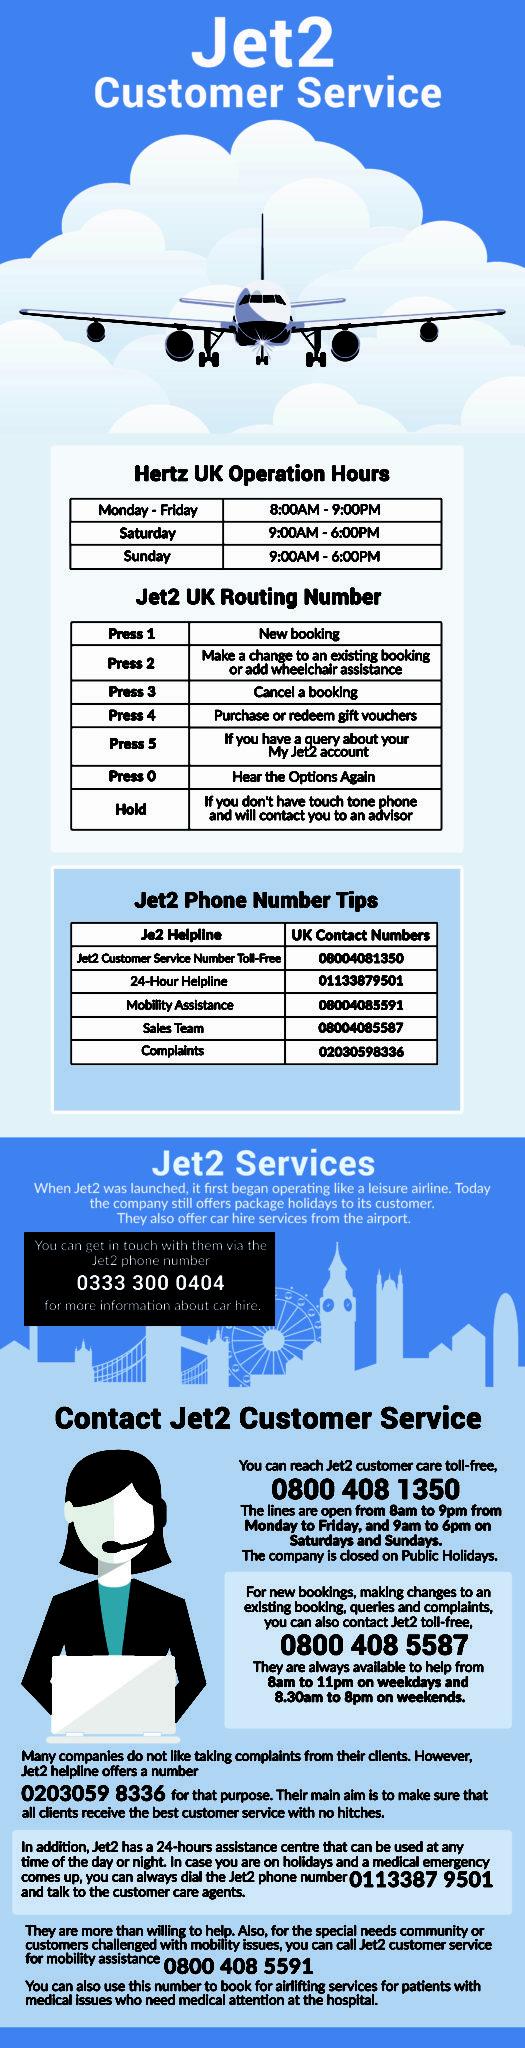 Jet2 Helpline Contact Phone